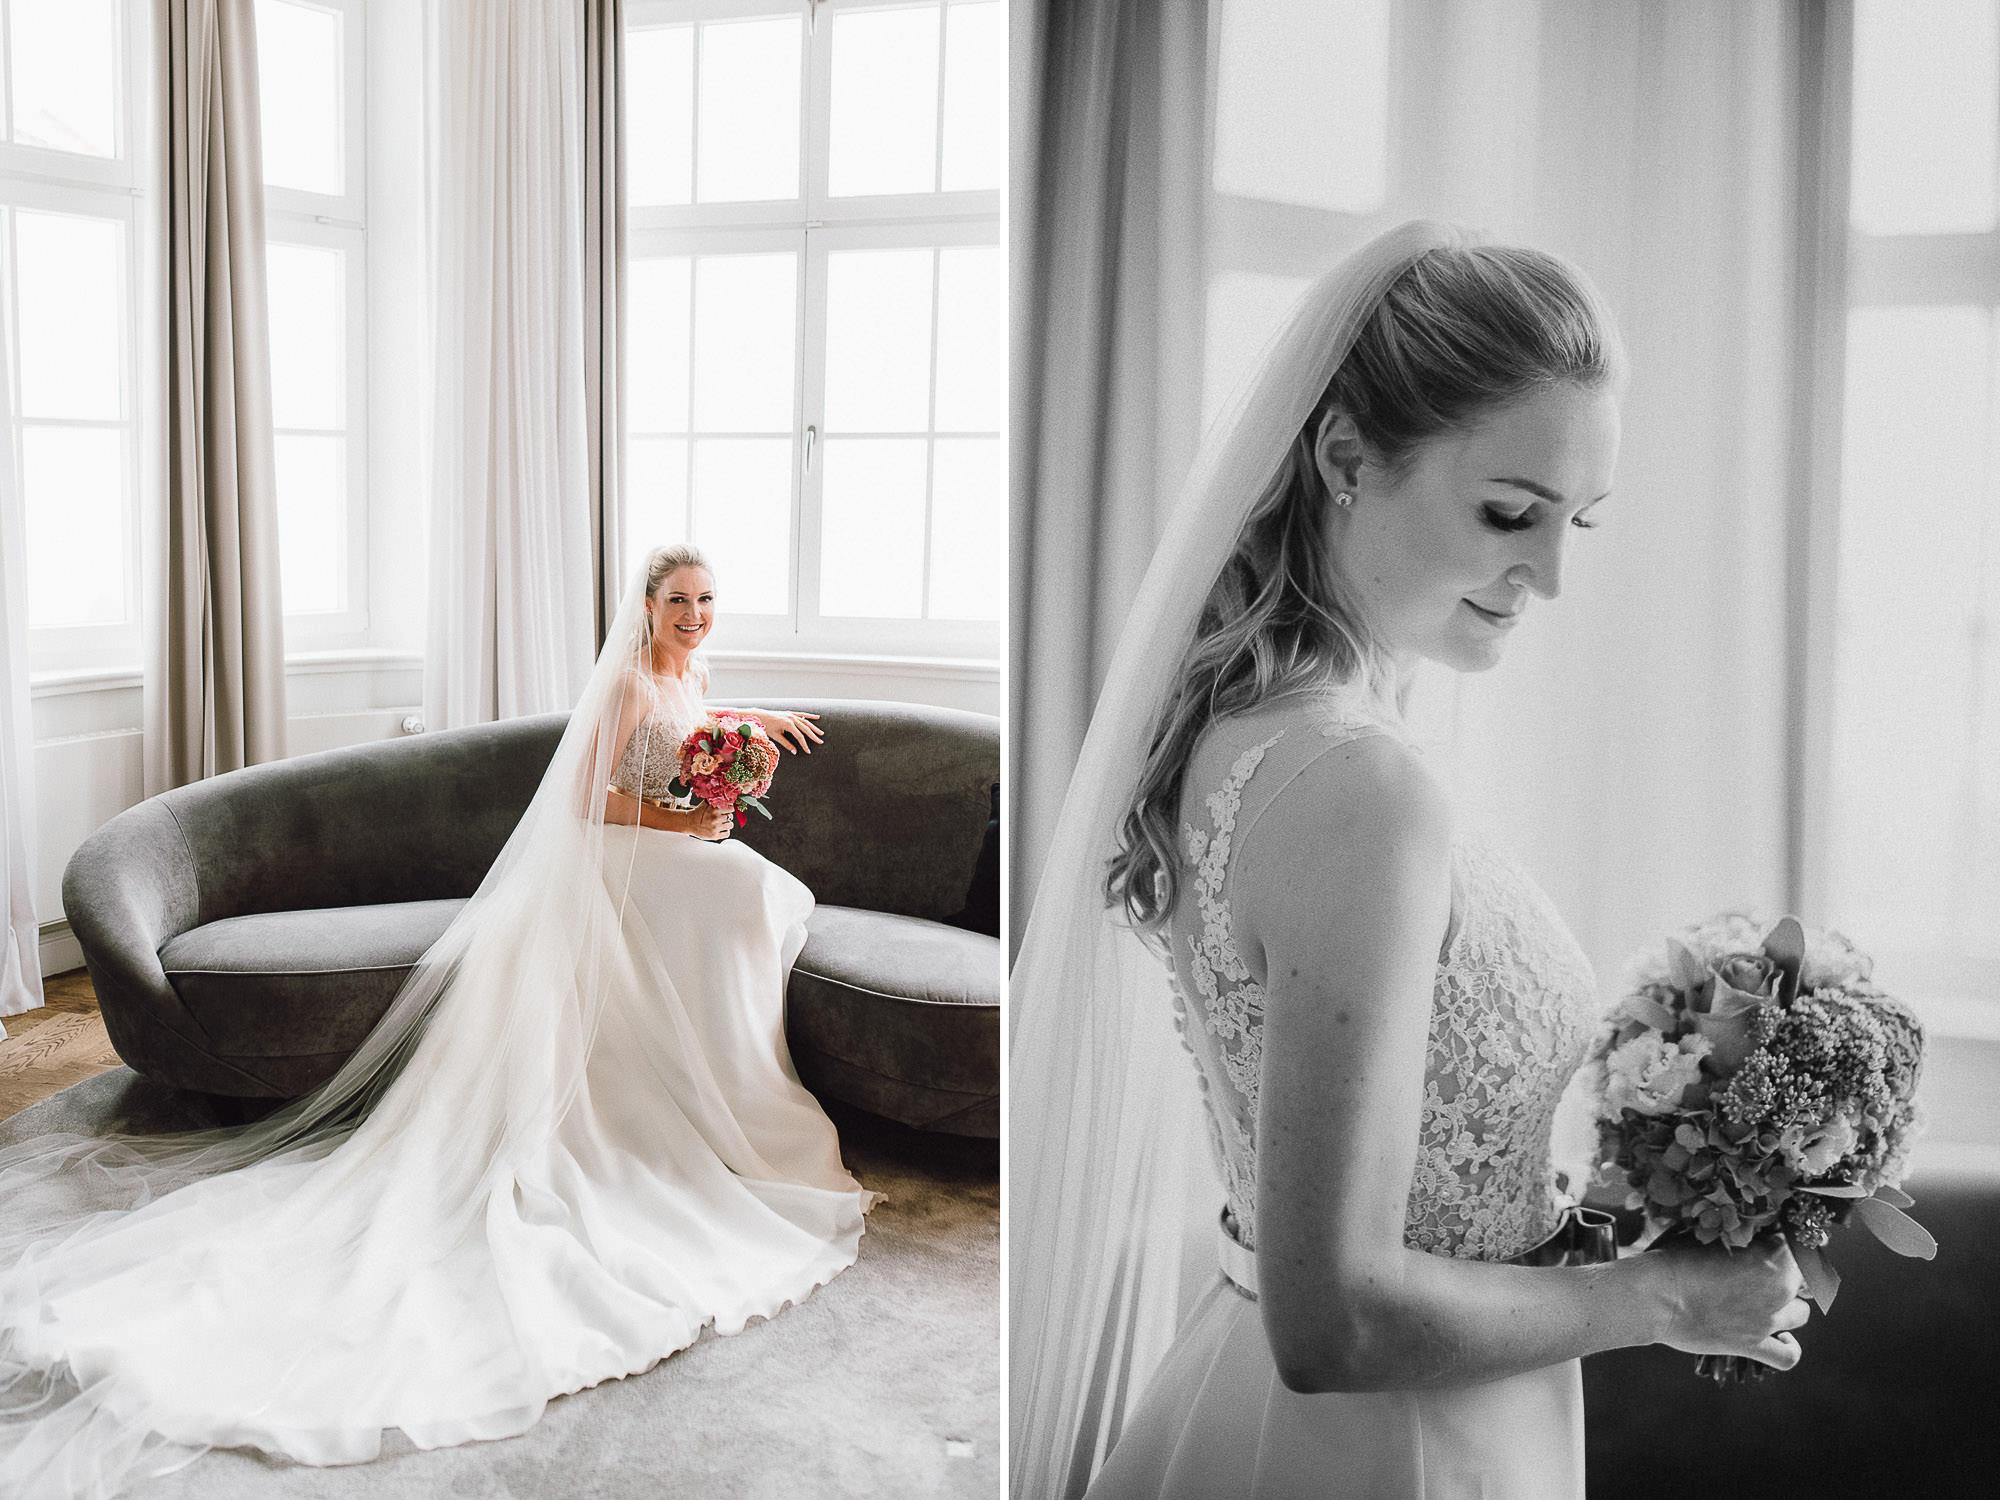 Elegante Brautportraits im Hotelzimmer